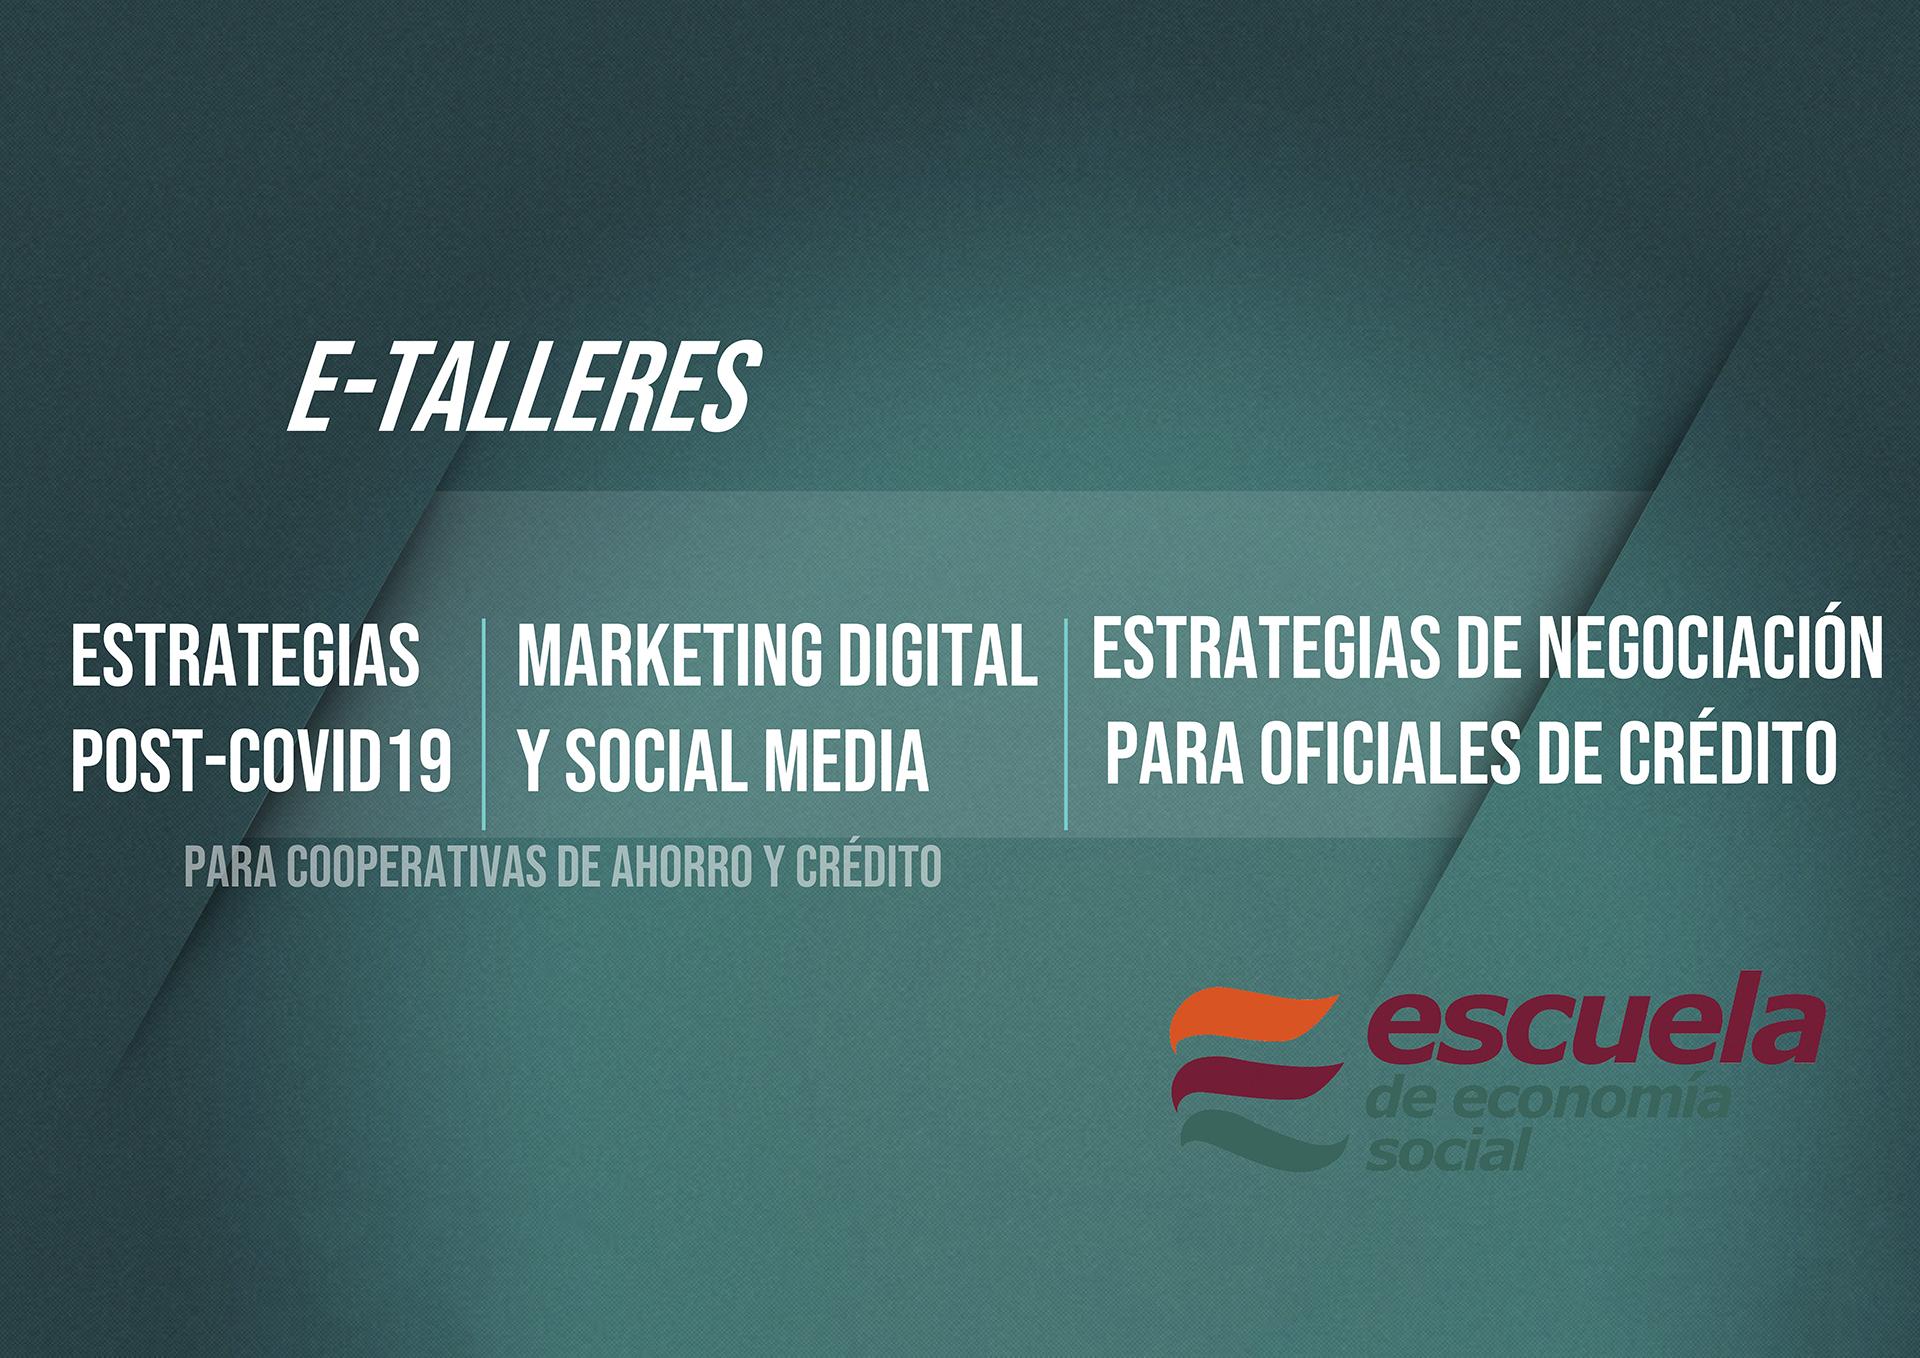 e-talleres